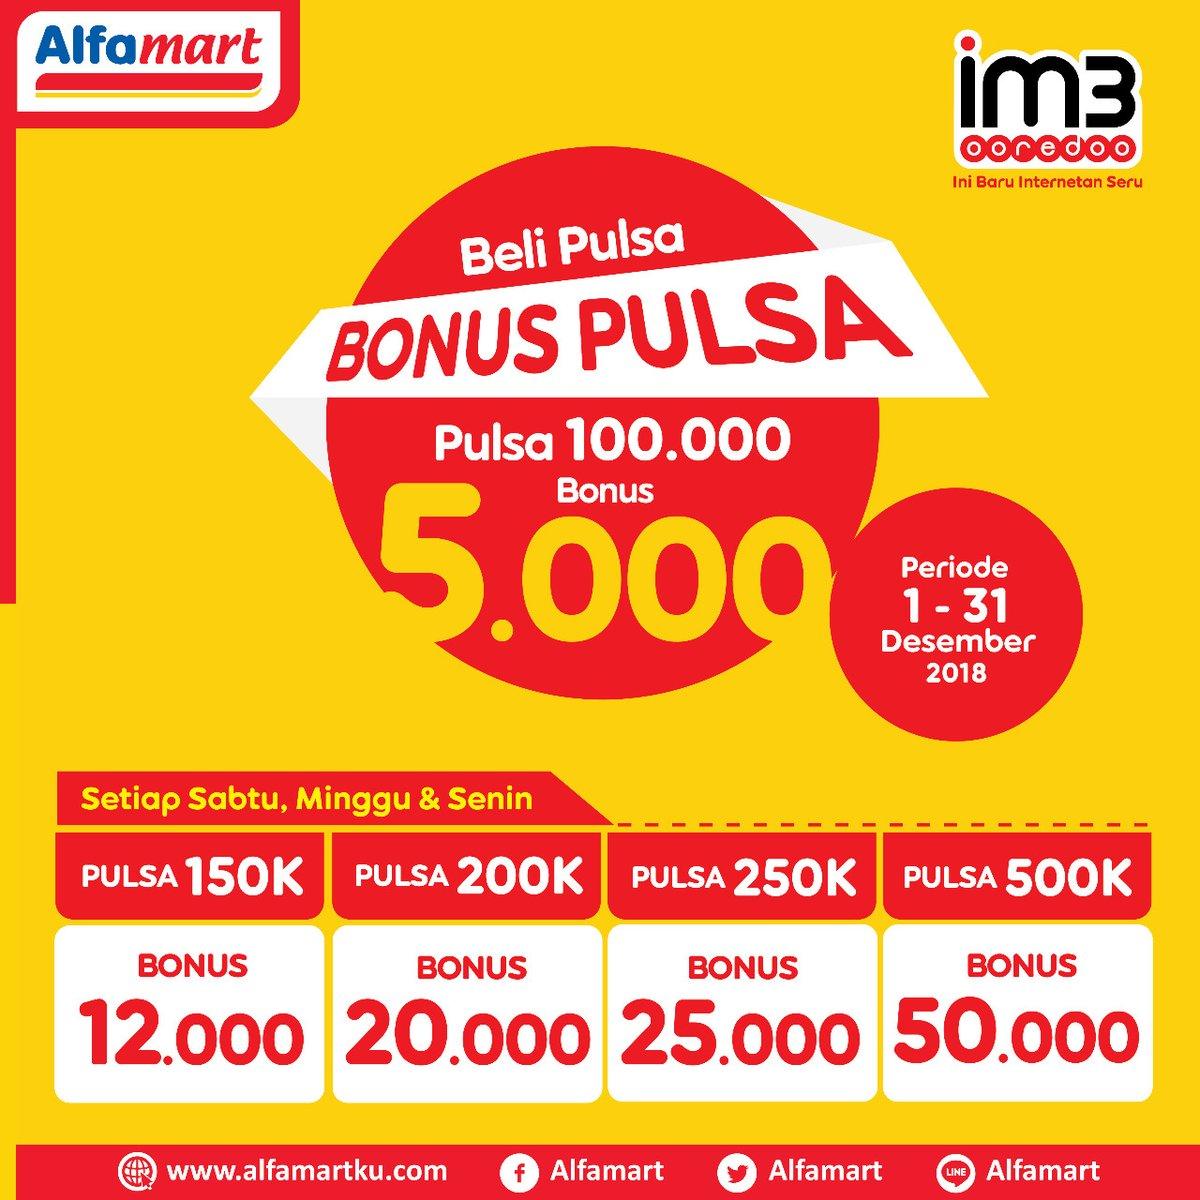 #Alfamat - Promo Bonus Pulsa s.d 50K Setiap Beli Pulsa Mulai 100K (s.d HARI INI)